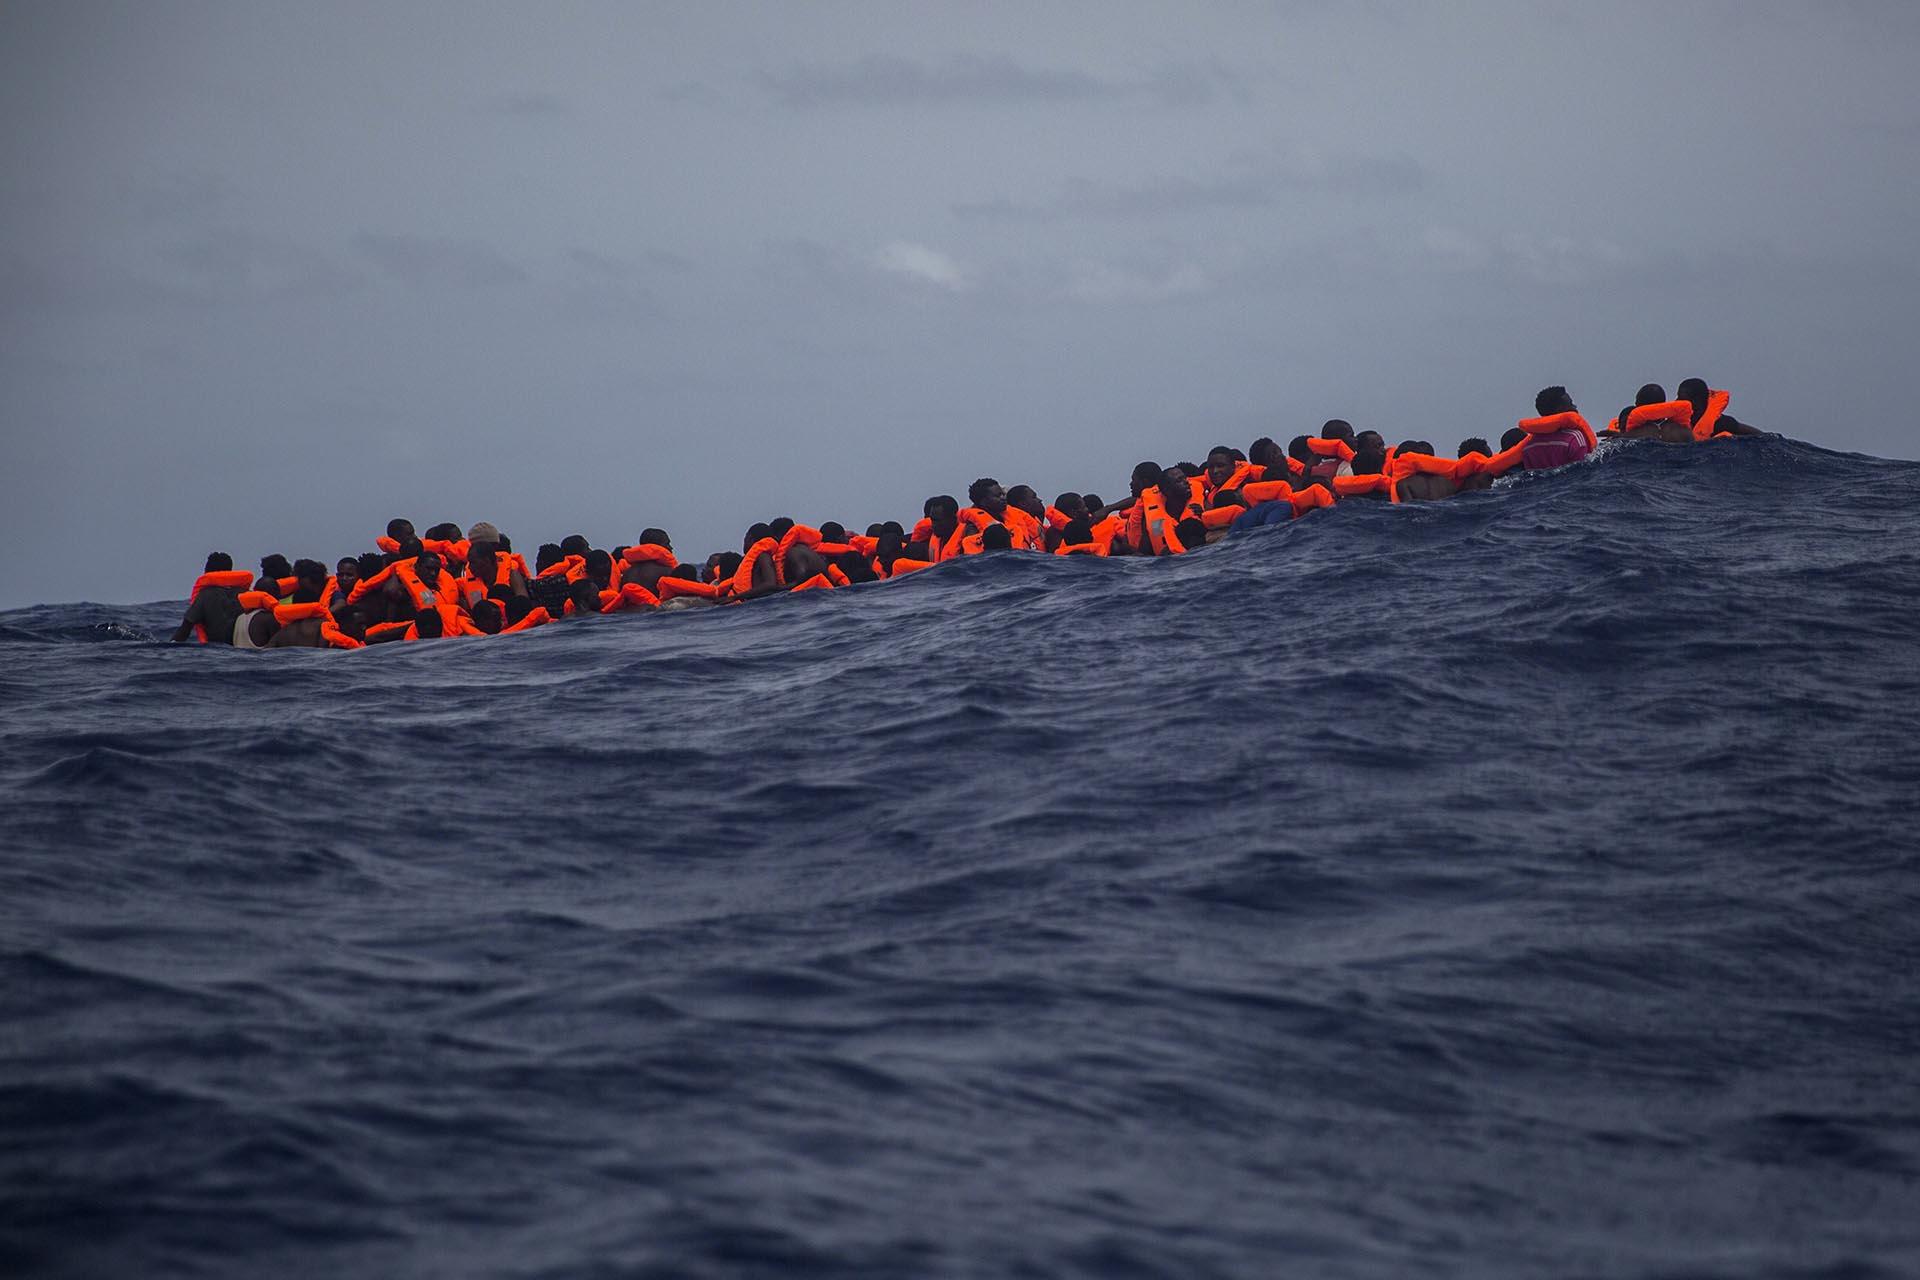 La ONGProactiva Open Arms en el Mar Mediterráneo a unas pocas millas de Libia. (AP/Santi Palacios)